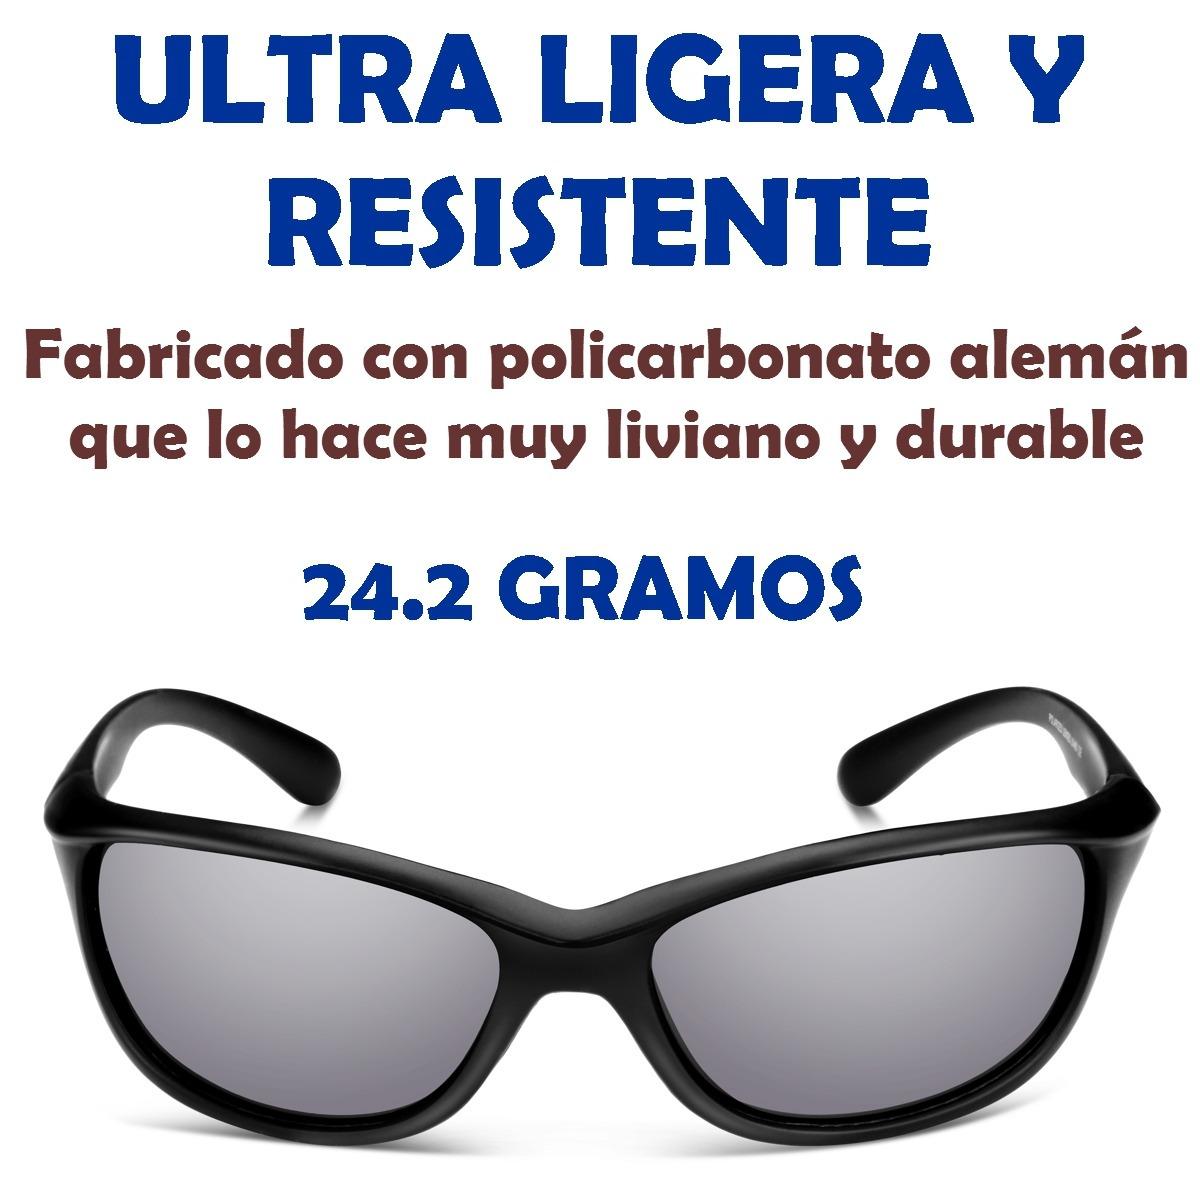 4d022b96d5 Duduma 541 Lentes / Gafas De Sol Polarizadas Original - S/ 129,00 en ...